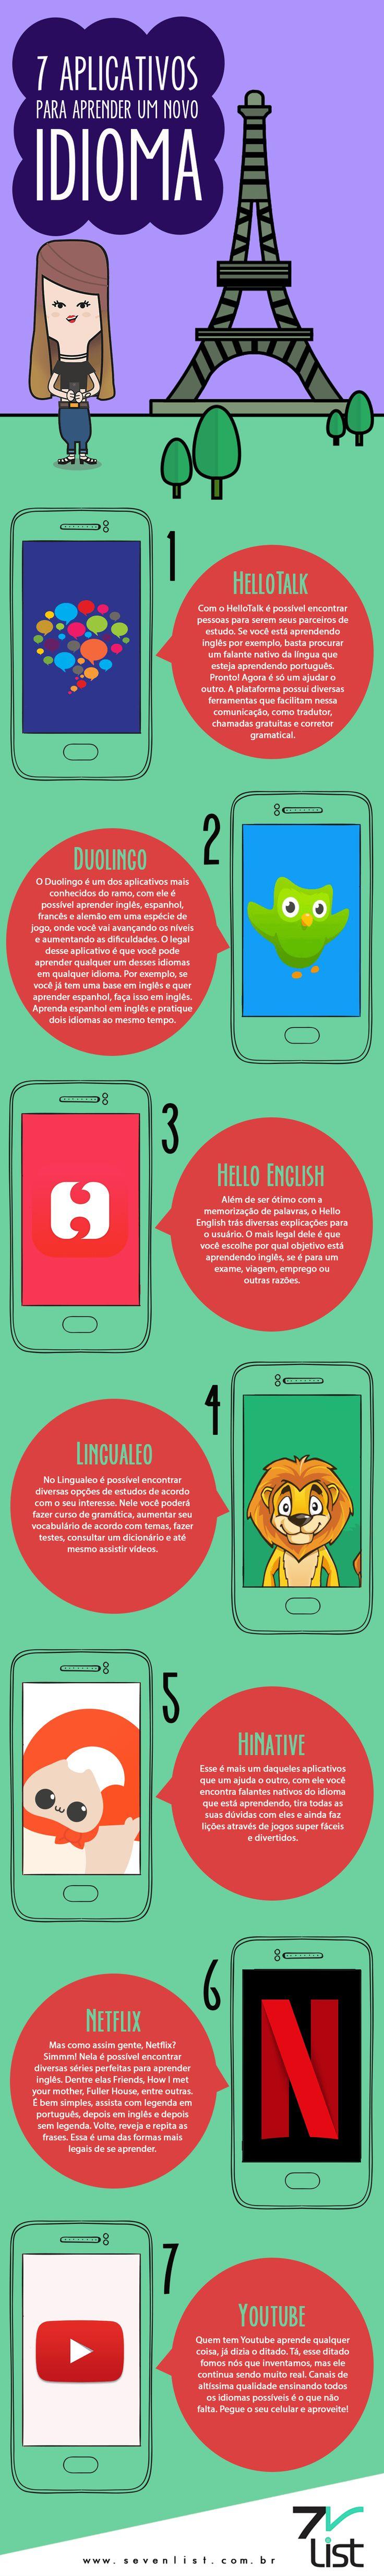 7 aplicativos para aprender um novo idioma